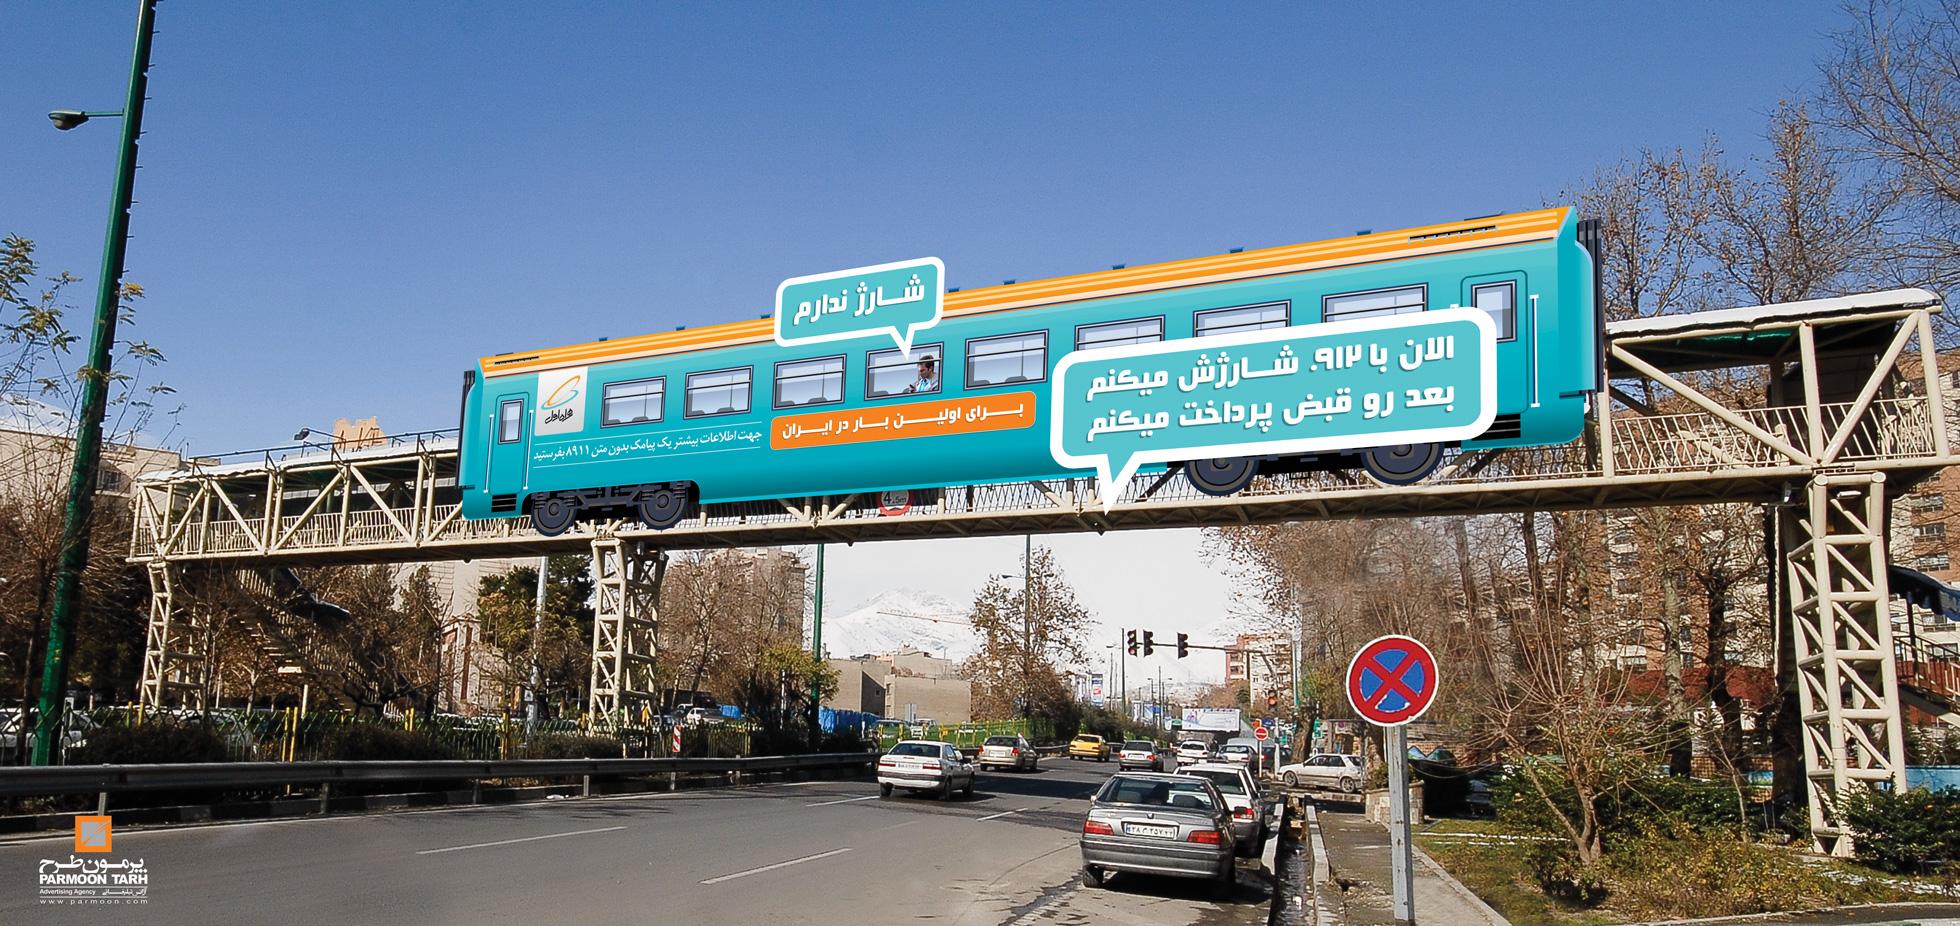 شارژ سریع 7 - Hamrahe Aval's ATL campaign